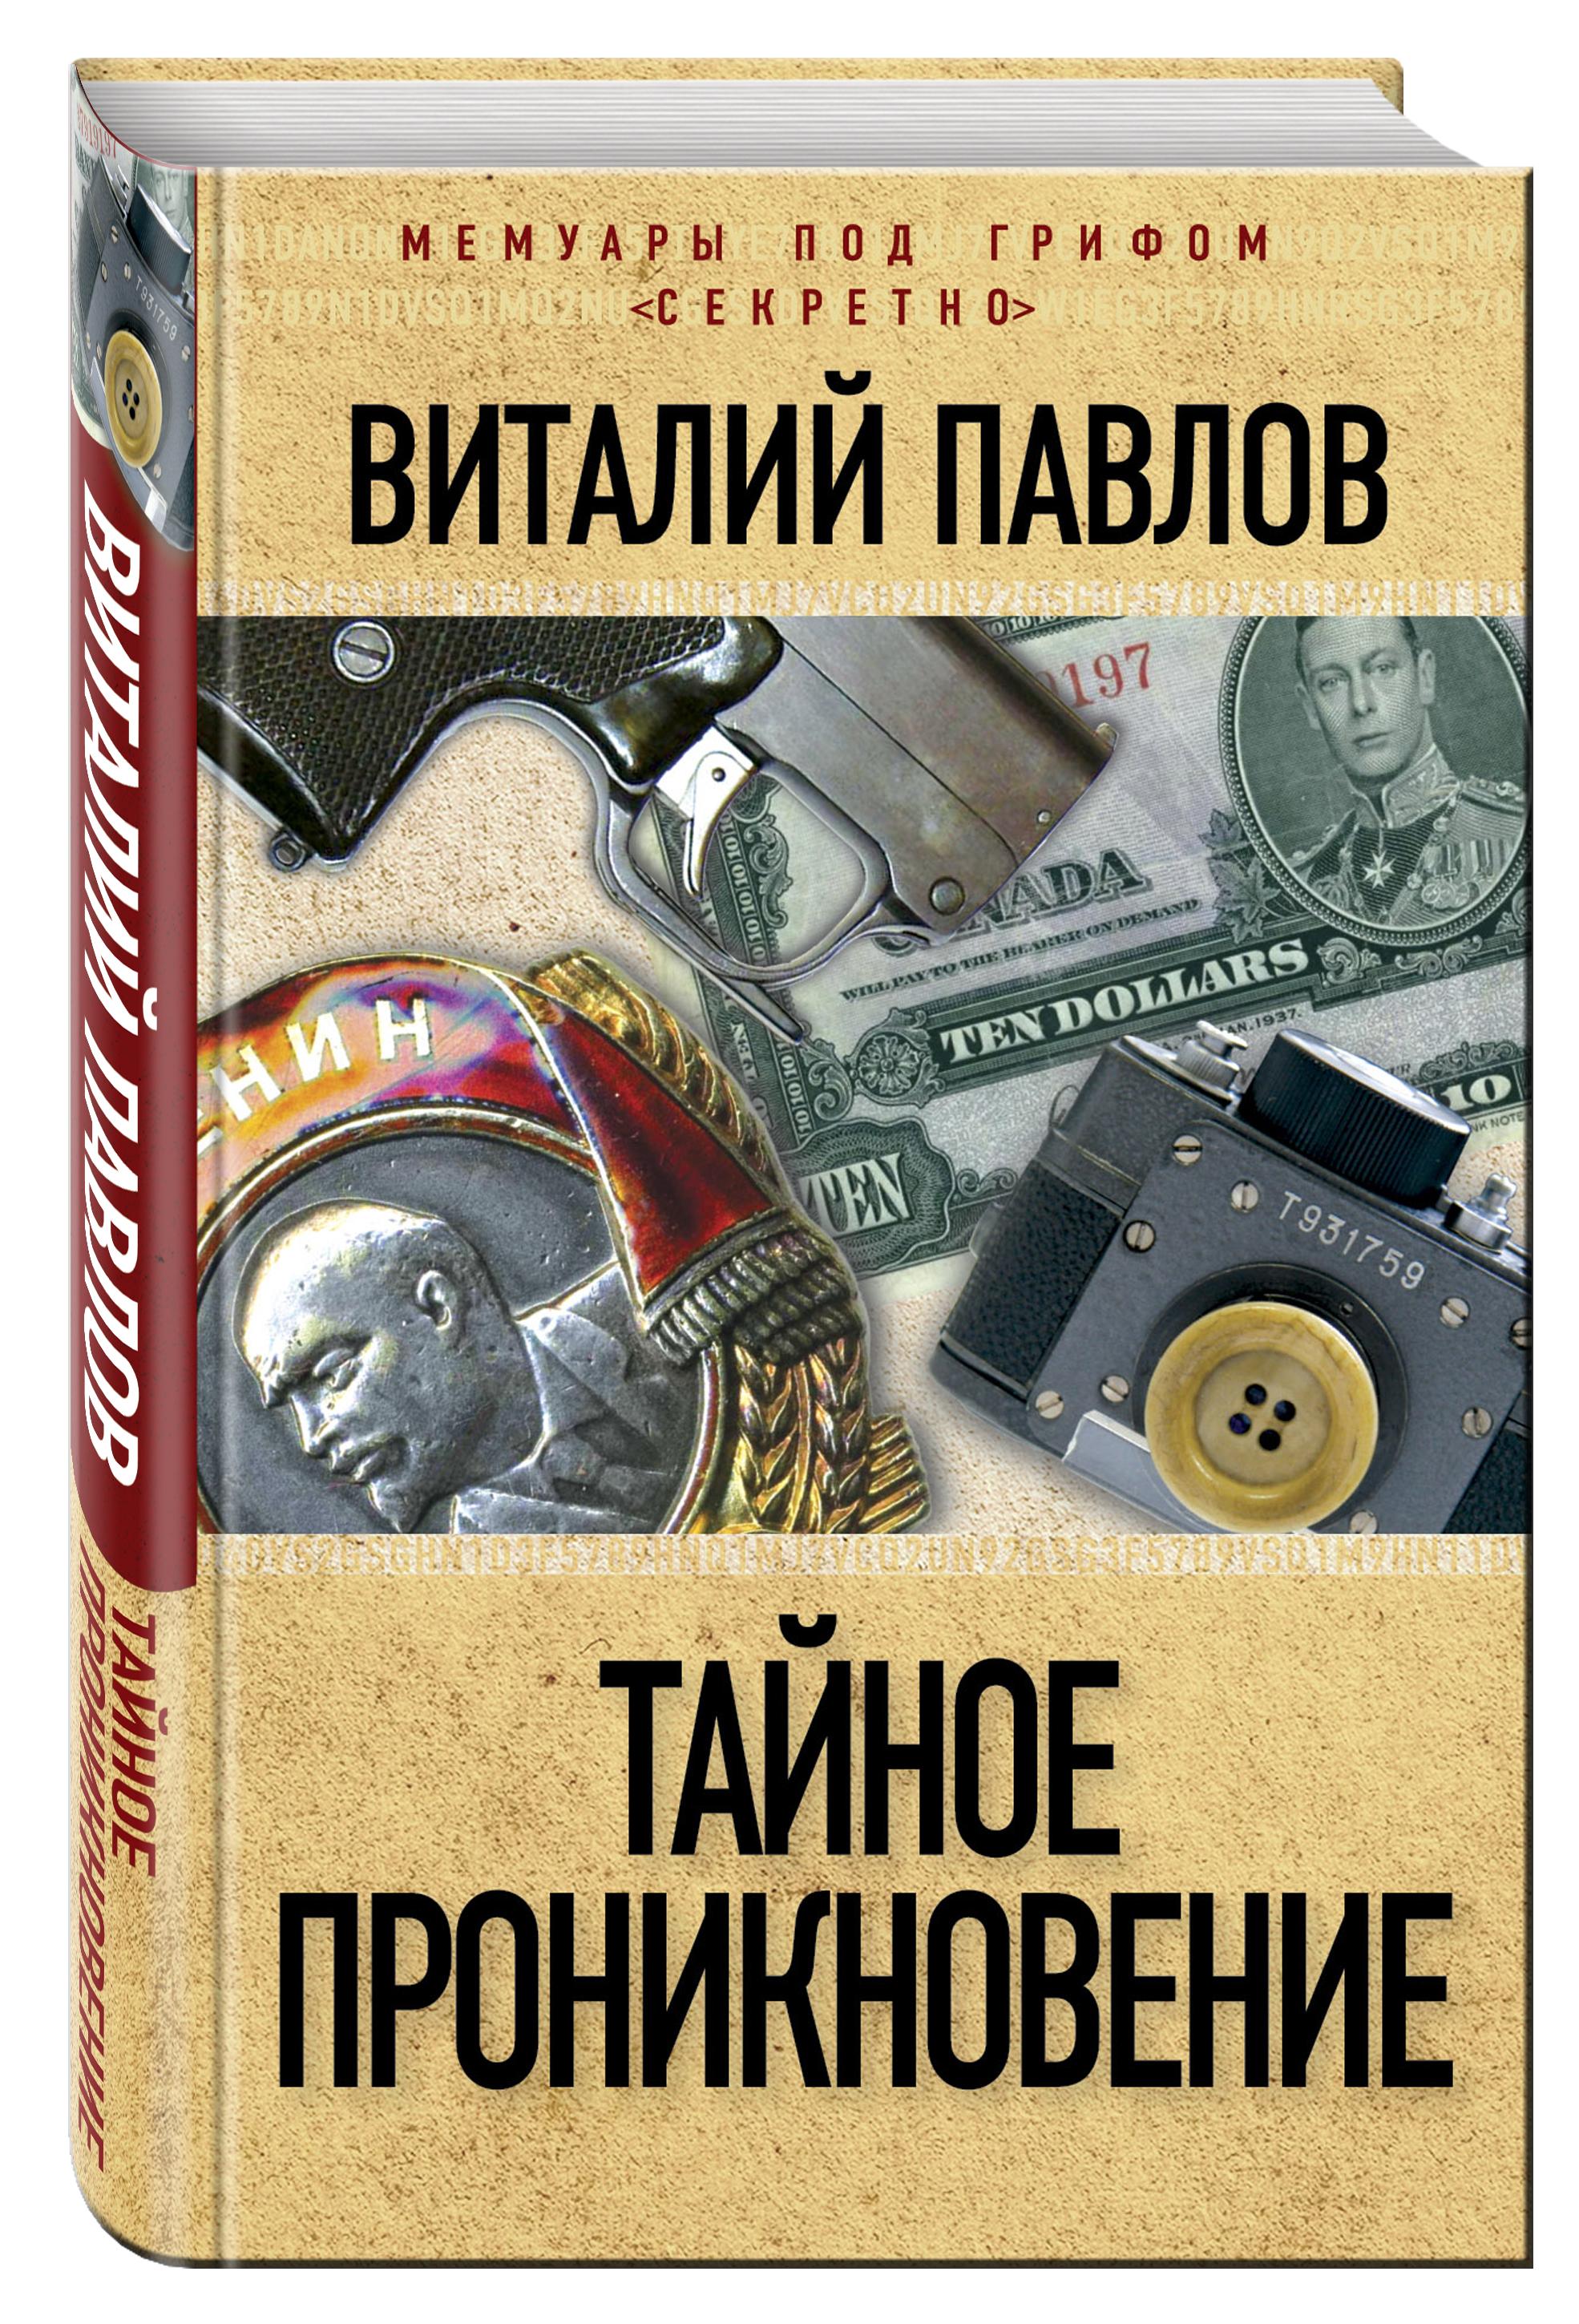 Павлов В. Тайное проникновение ISBN: 978-5-906817-21-1 павлов виталий григорьевич тайное проникновение